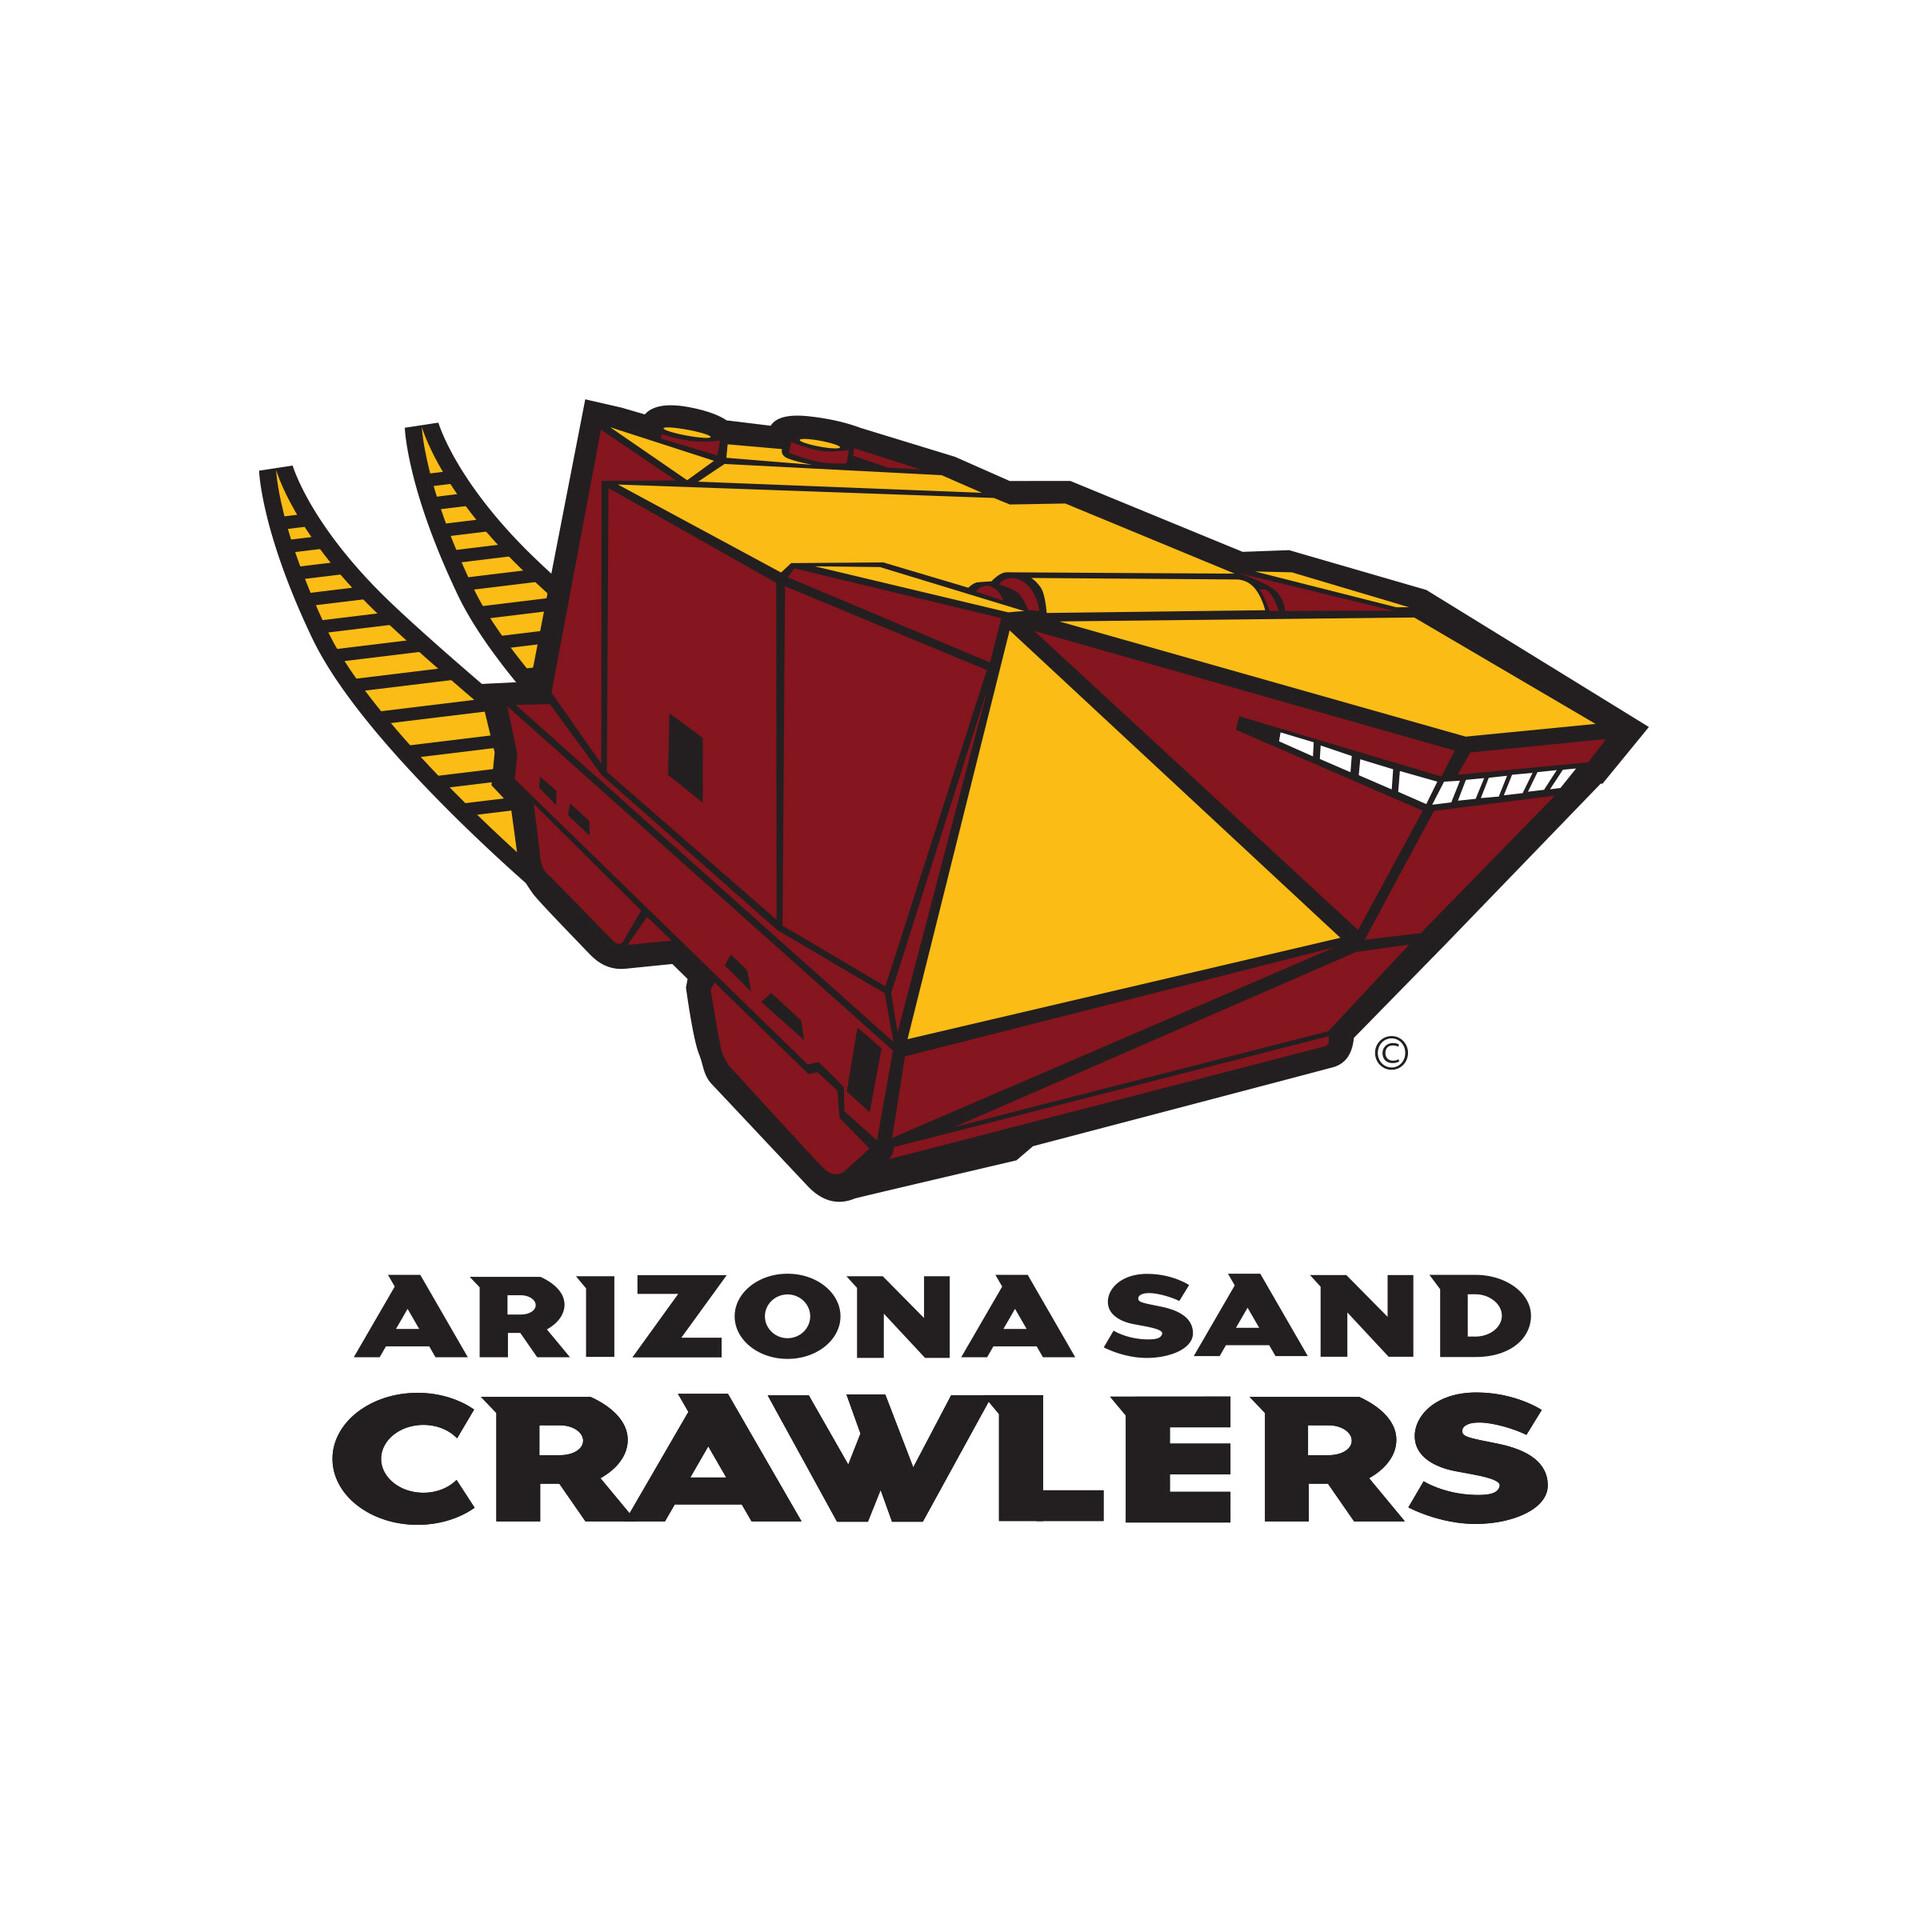 Arizona Sand Crawlers